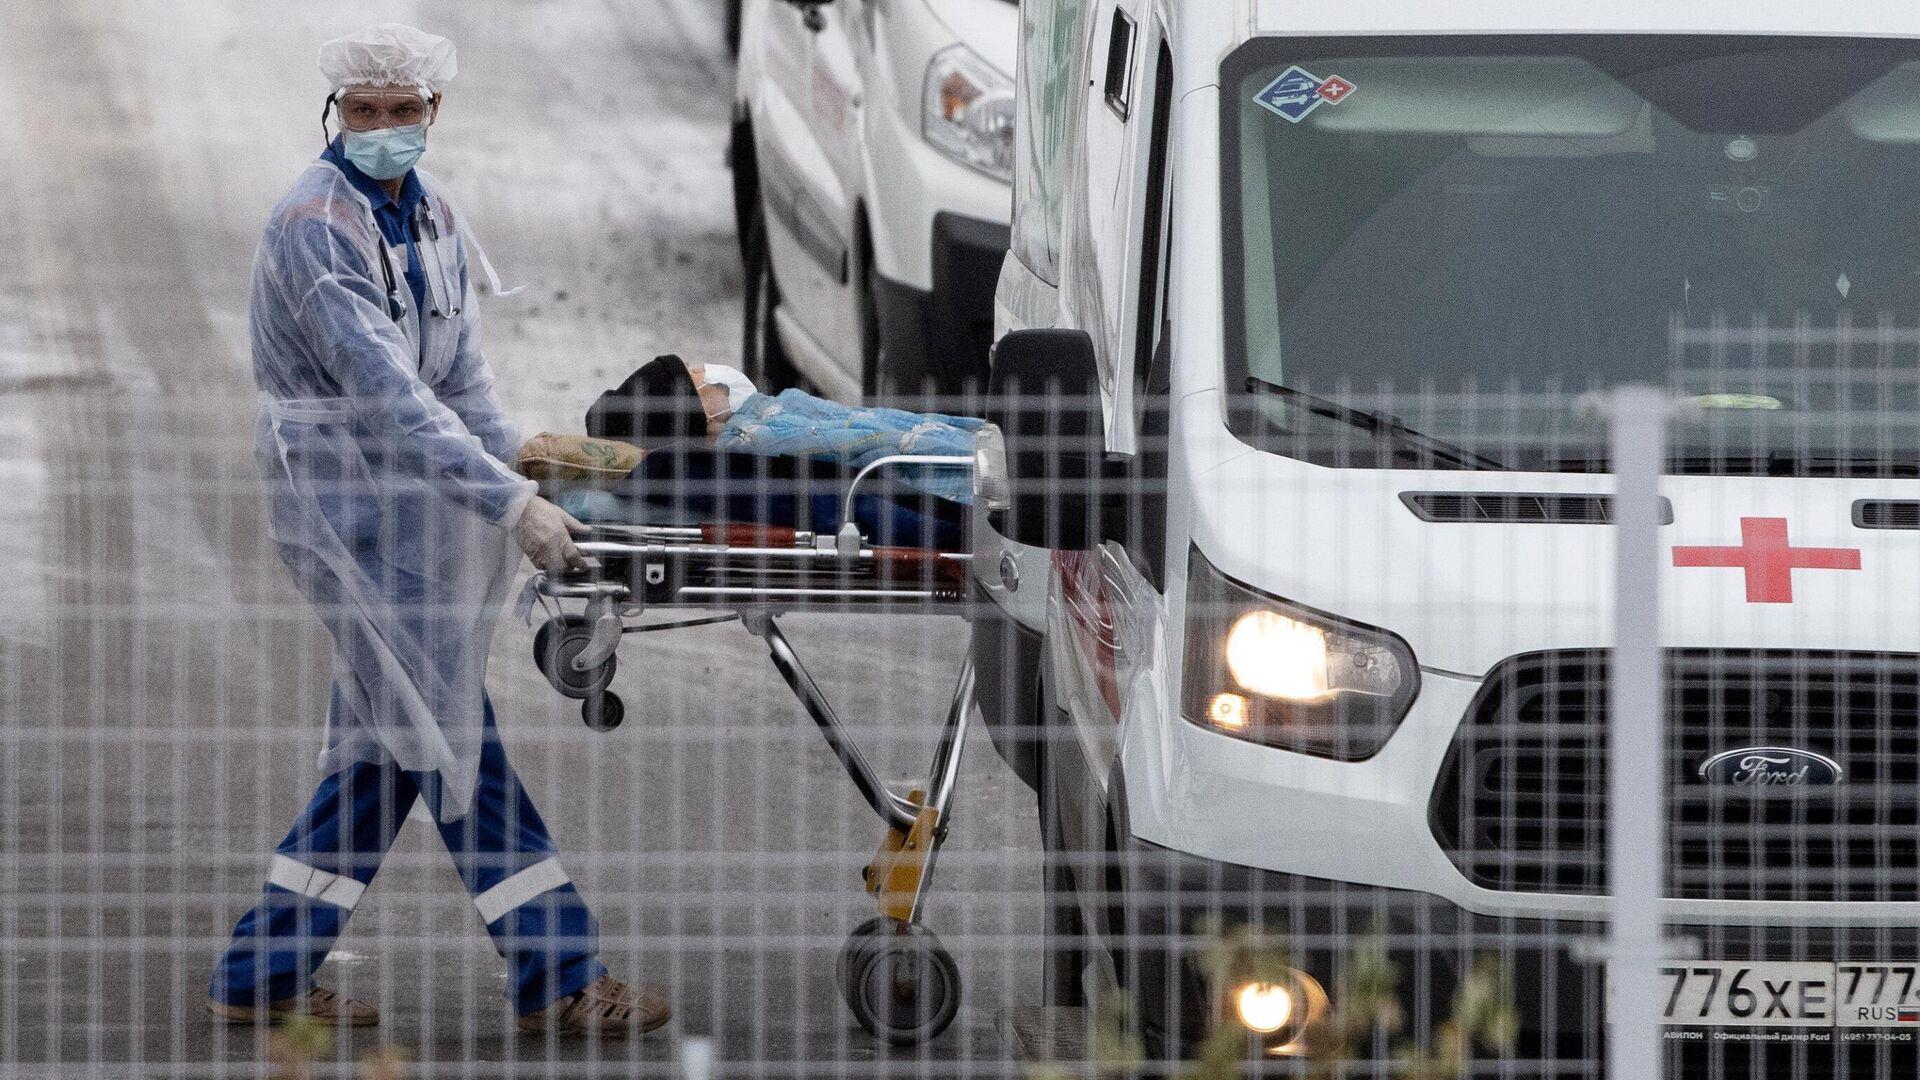 Врач бригады скорой медицинской помощи, которая доставила пациента в карантинный центр в Коммунарке - РИА Новости, 1920, 16.01.2021